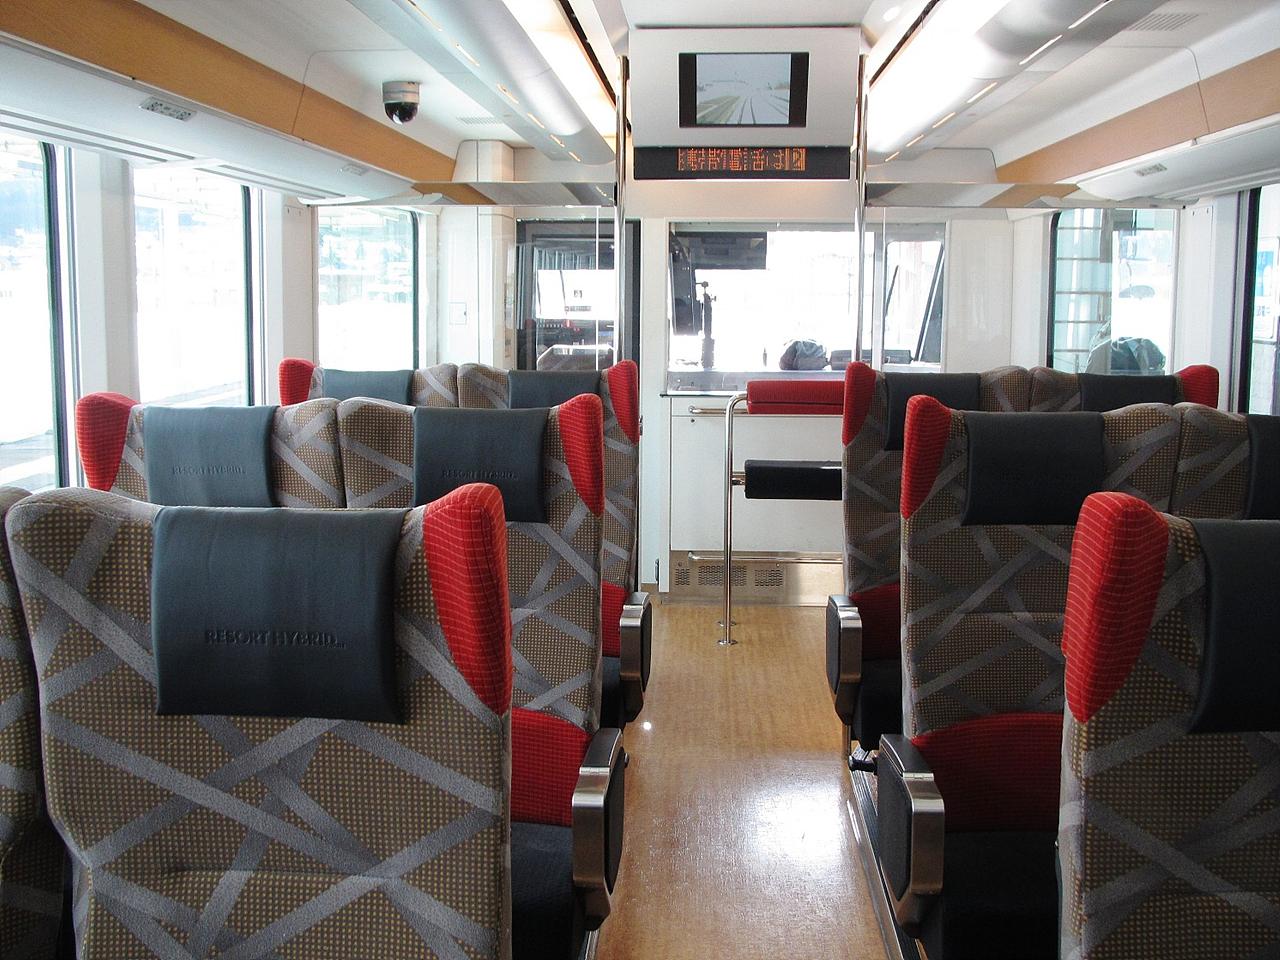 리조트아스나로시모키타호 하이브리드 관광열차  리조트아스나로시모키타호내부